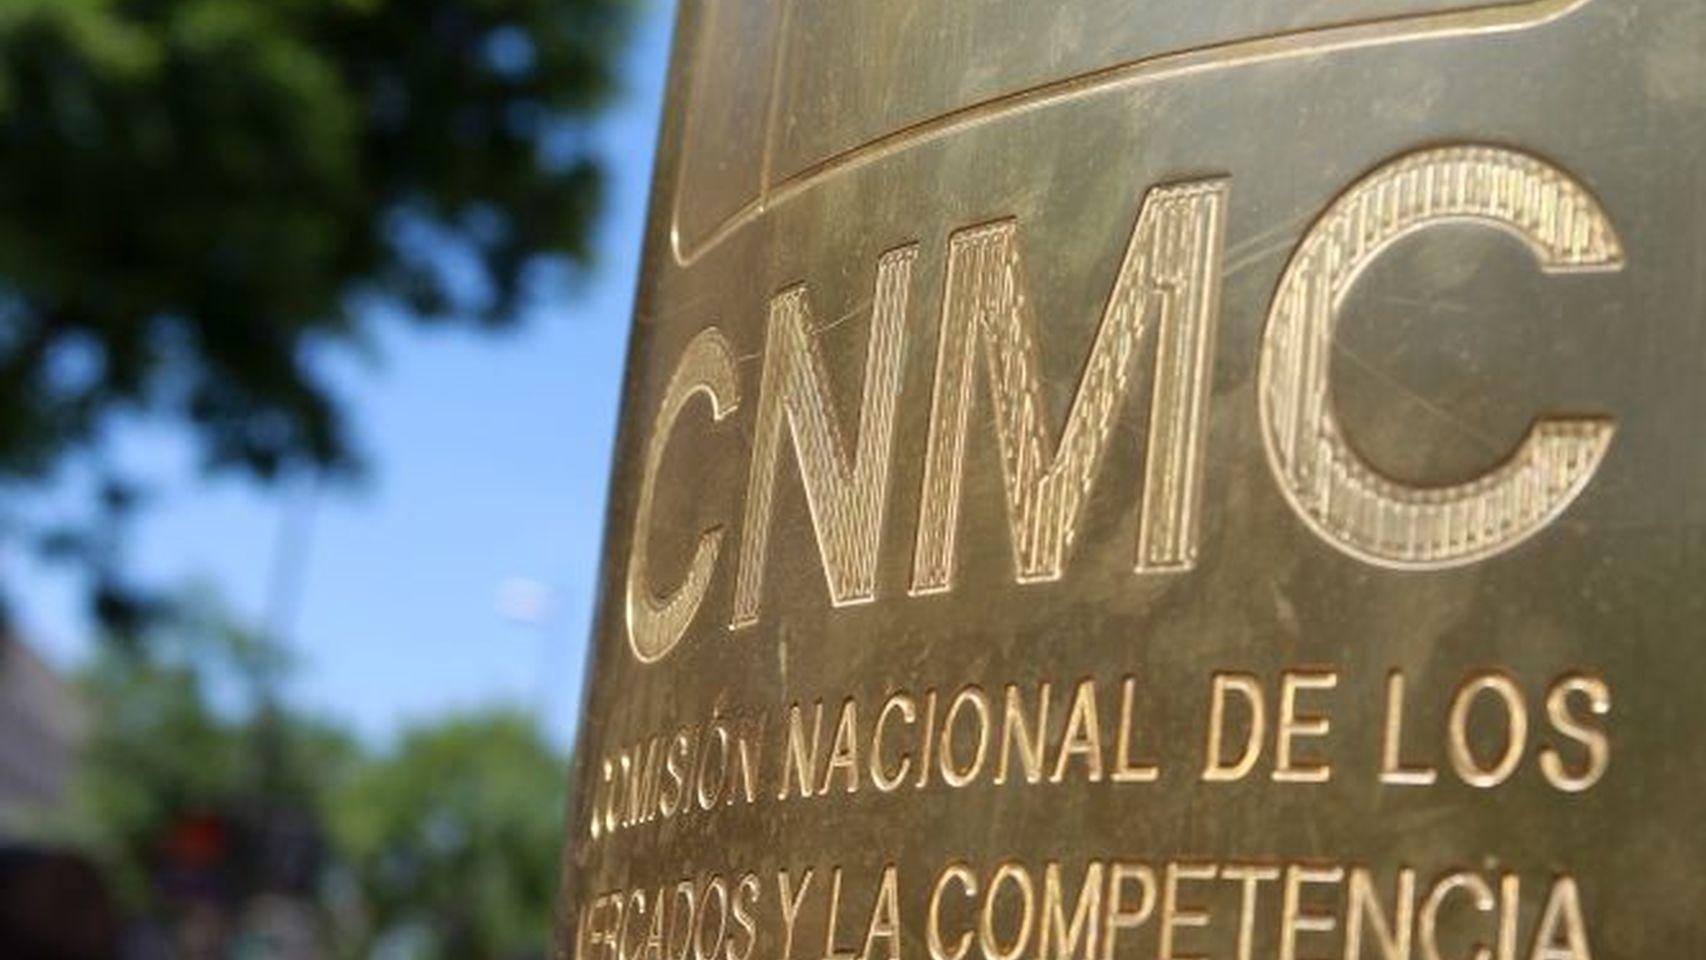 La CNMC constató que los consumidores presentaron el año pasado 1,5 millones de reclamaciones contra compañías eléctricas y de gas.